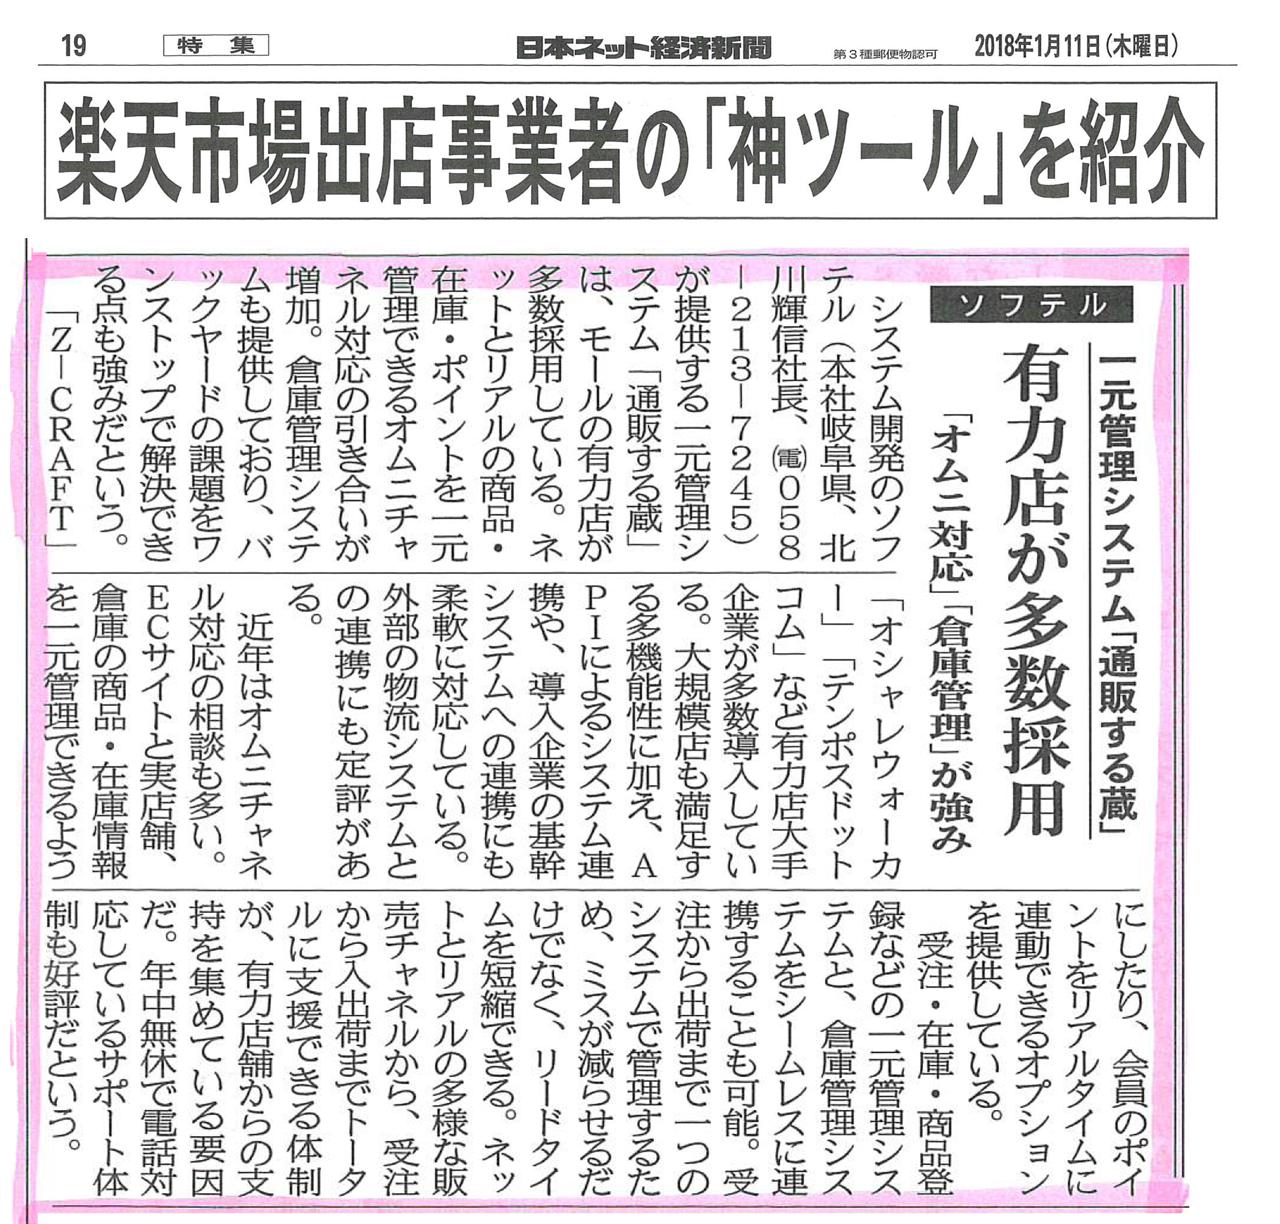 楽天市場出店事業者の「神ツール」を紹介 日本ネット経済新聞 2018年1月11日(木曜日)